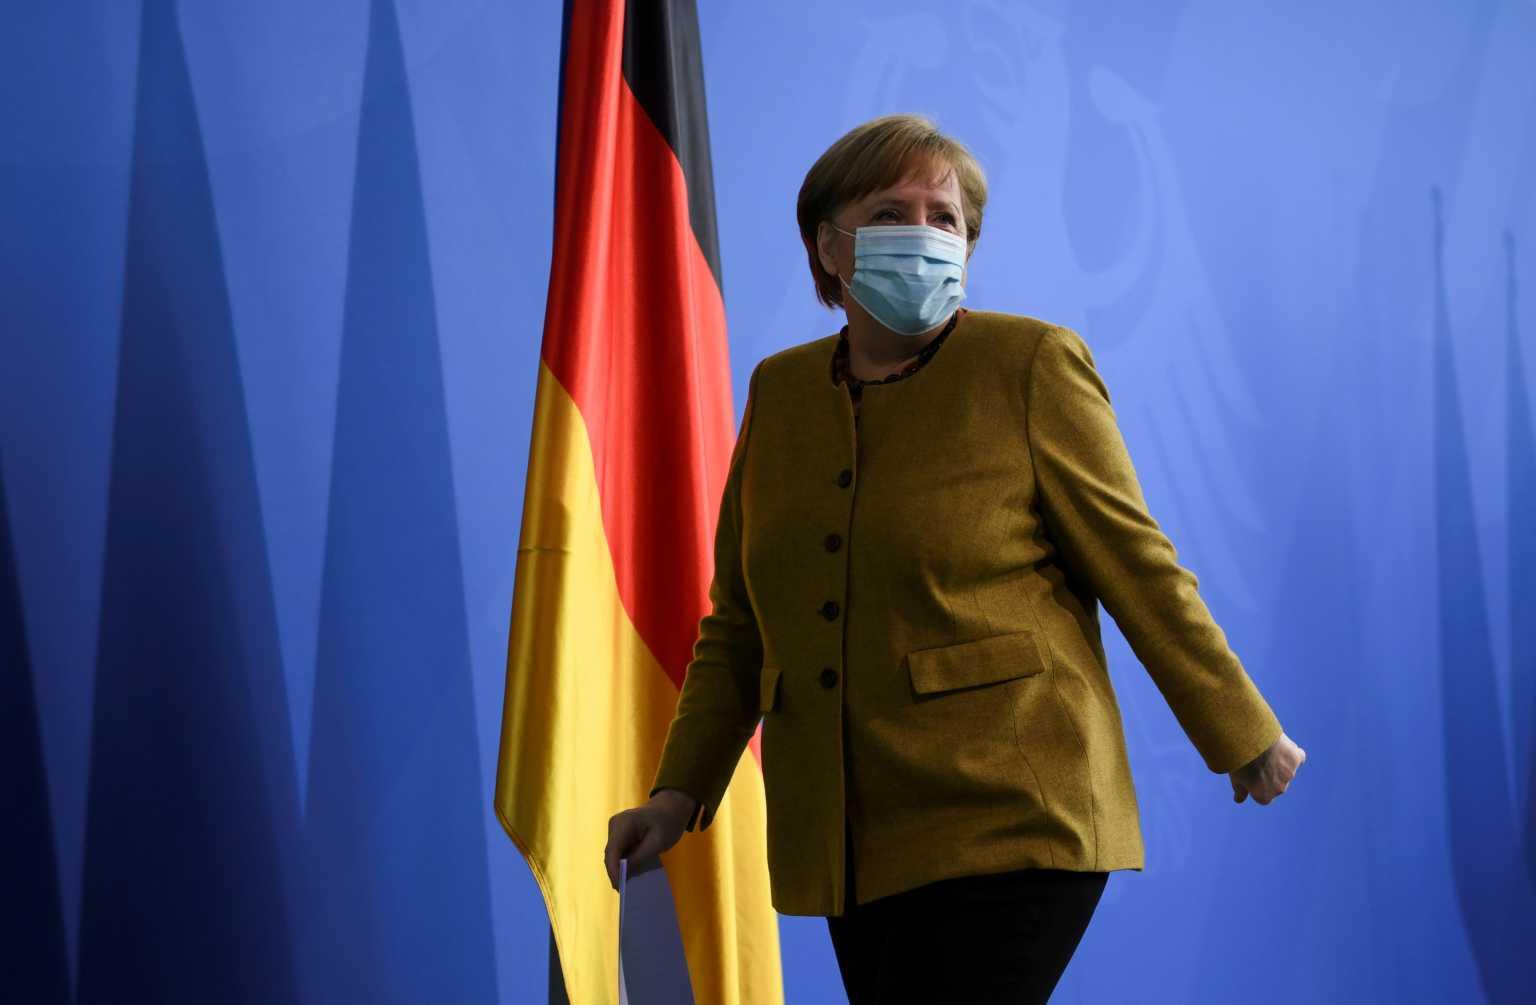 Μέρκελ: «Η Συμμαχία πρέπει να βρει τη σωστή ισορροπία απέναντι στην Κίνα»